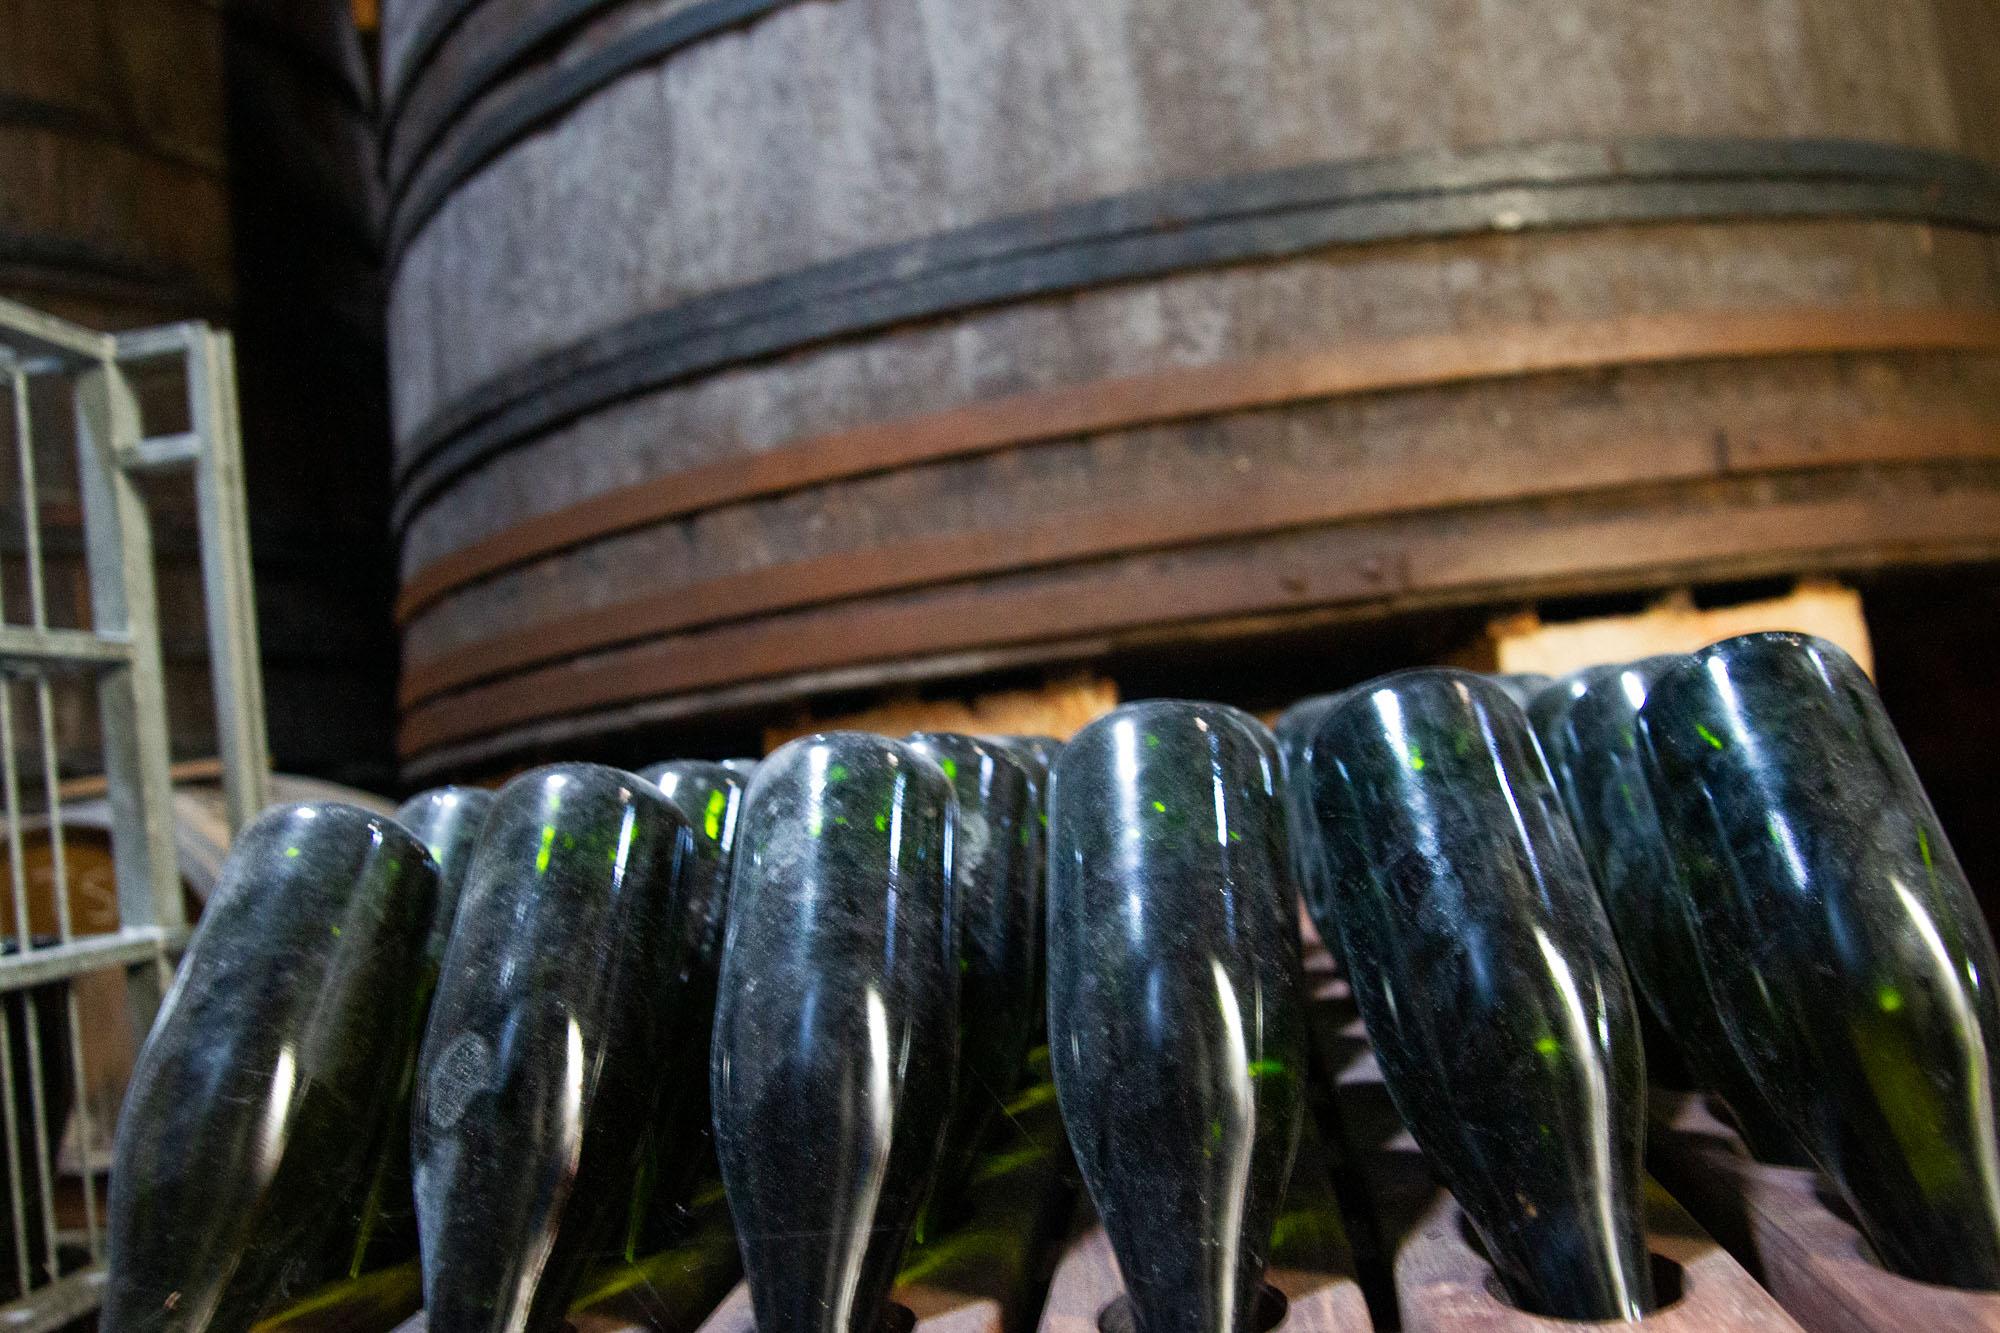 Apple Cider Bottle Holder